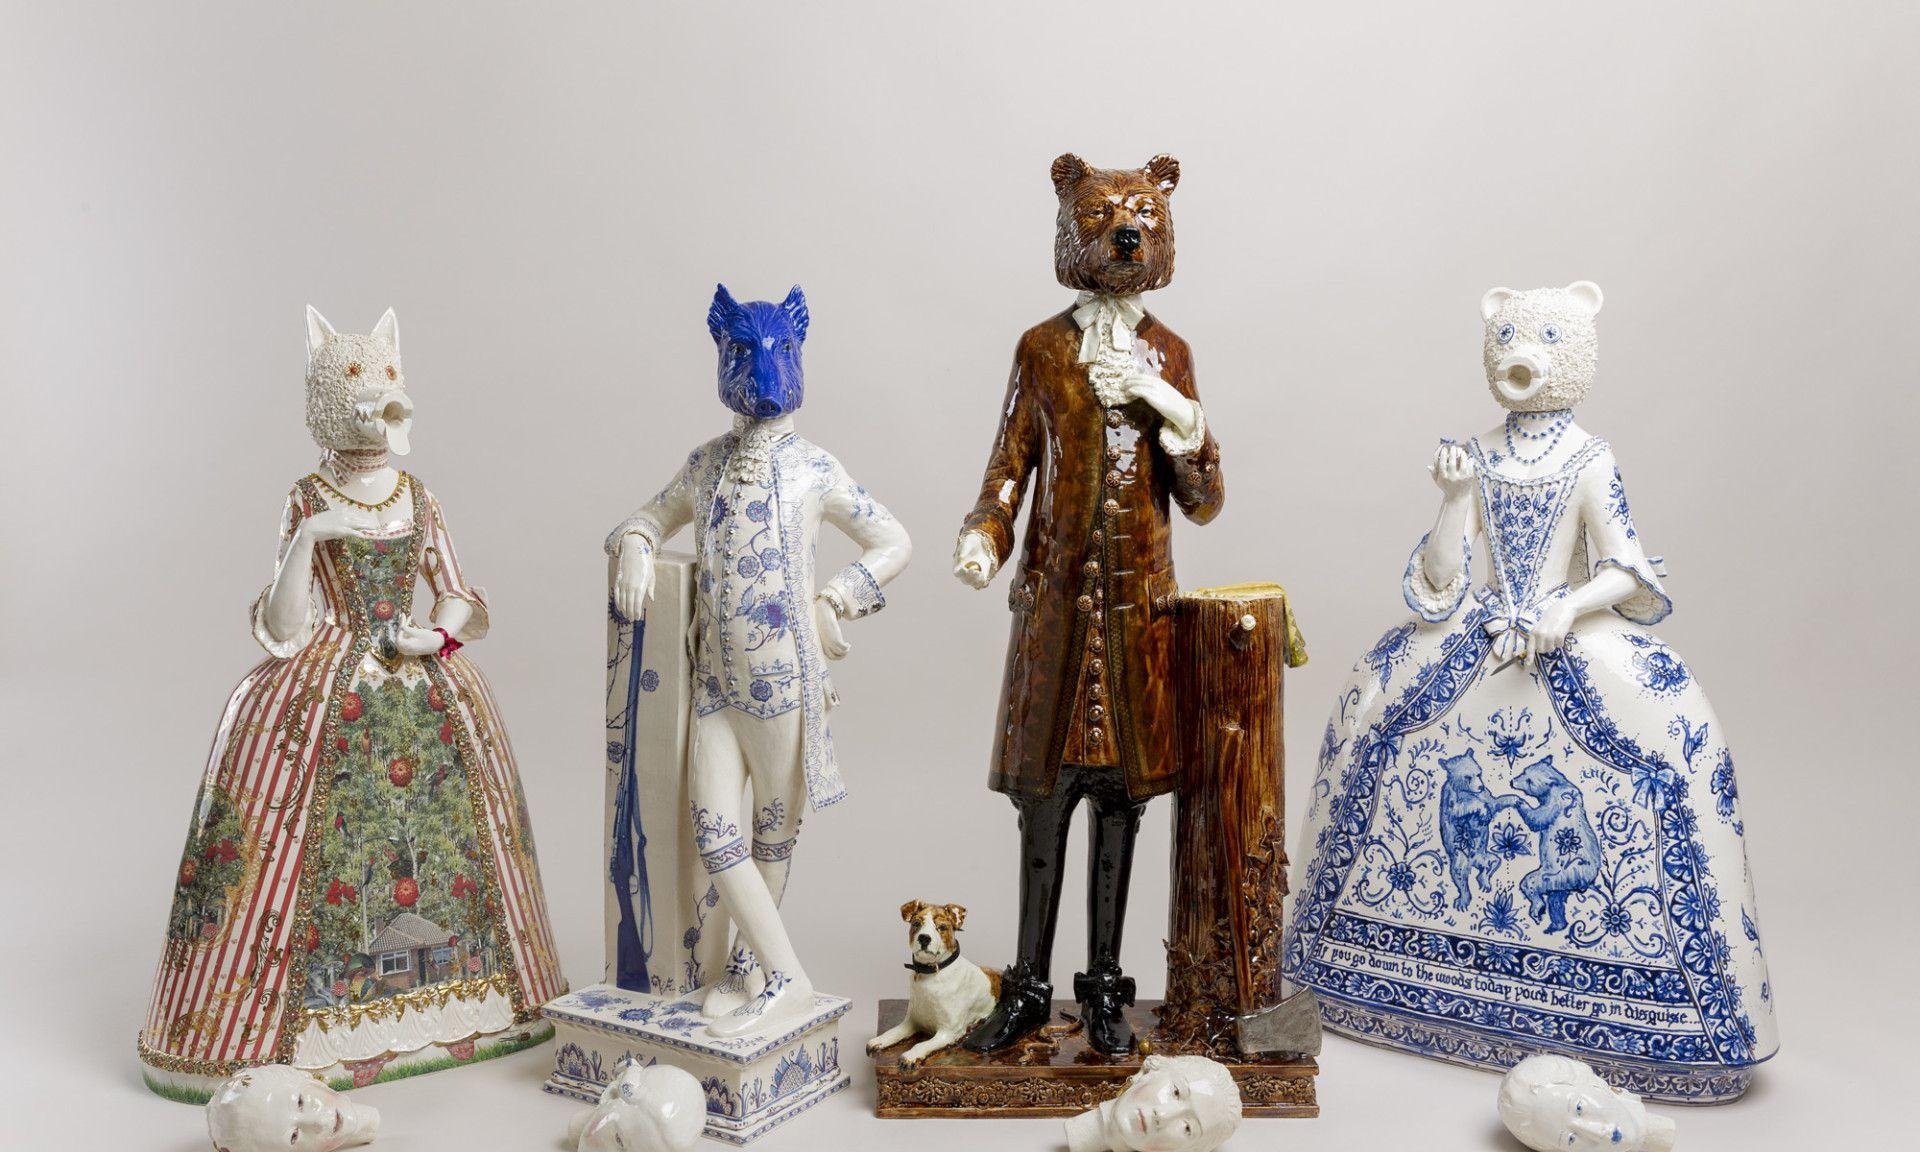 伦敦艺术家Claire Partington创作的具象陶瓷器皿艺术作品